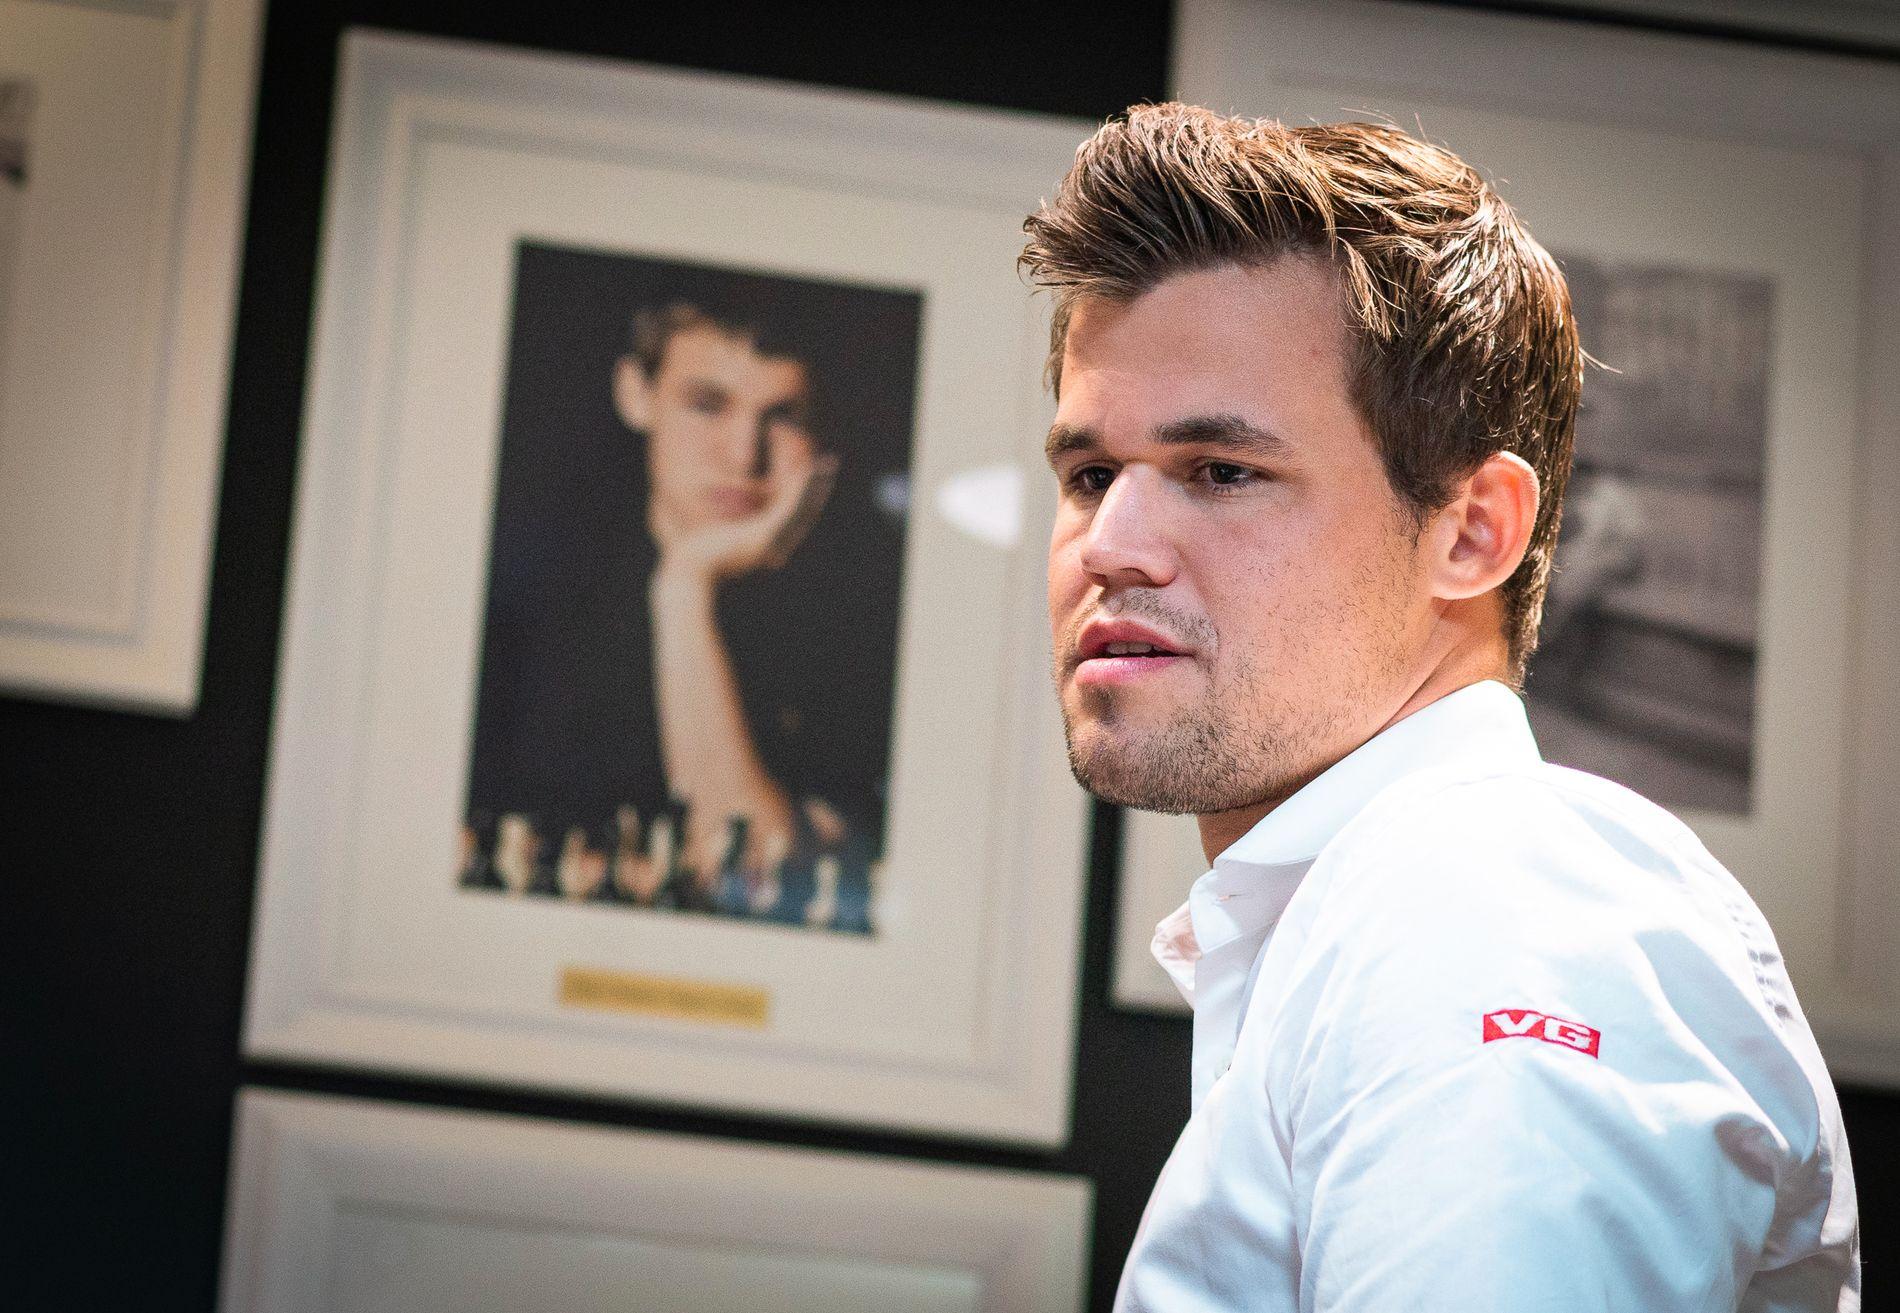 DOBBELT MAGNUS: Norges verdensmester fotografert i sjakk-lokalet i St. Louis, der han nå spiller Sinquefield Cup.